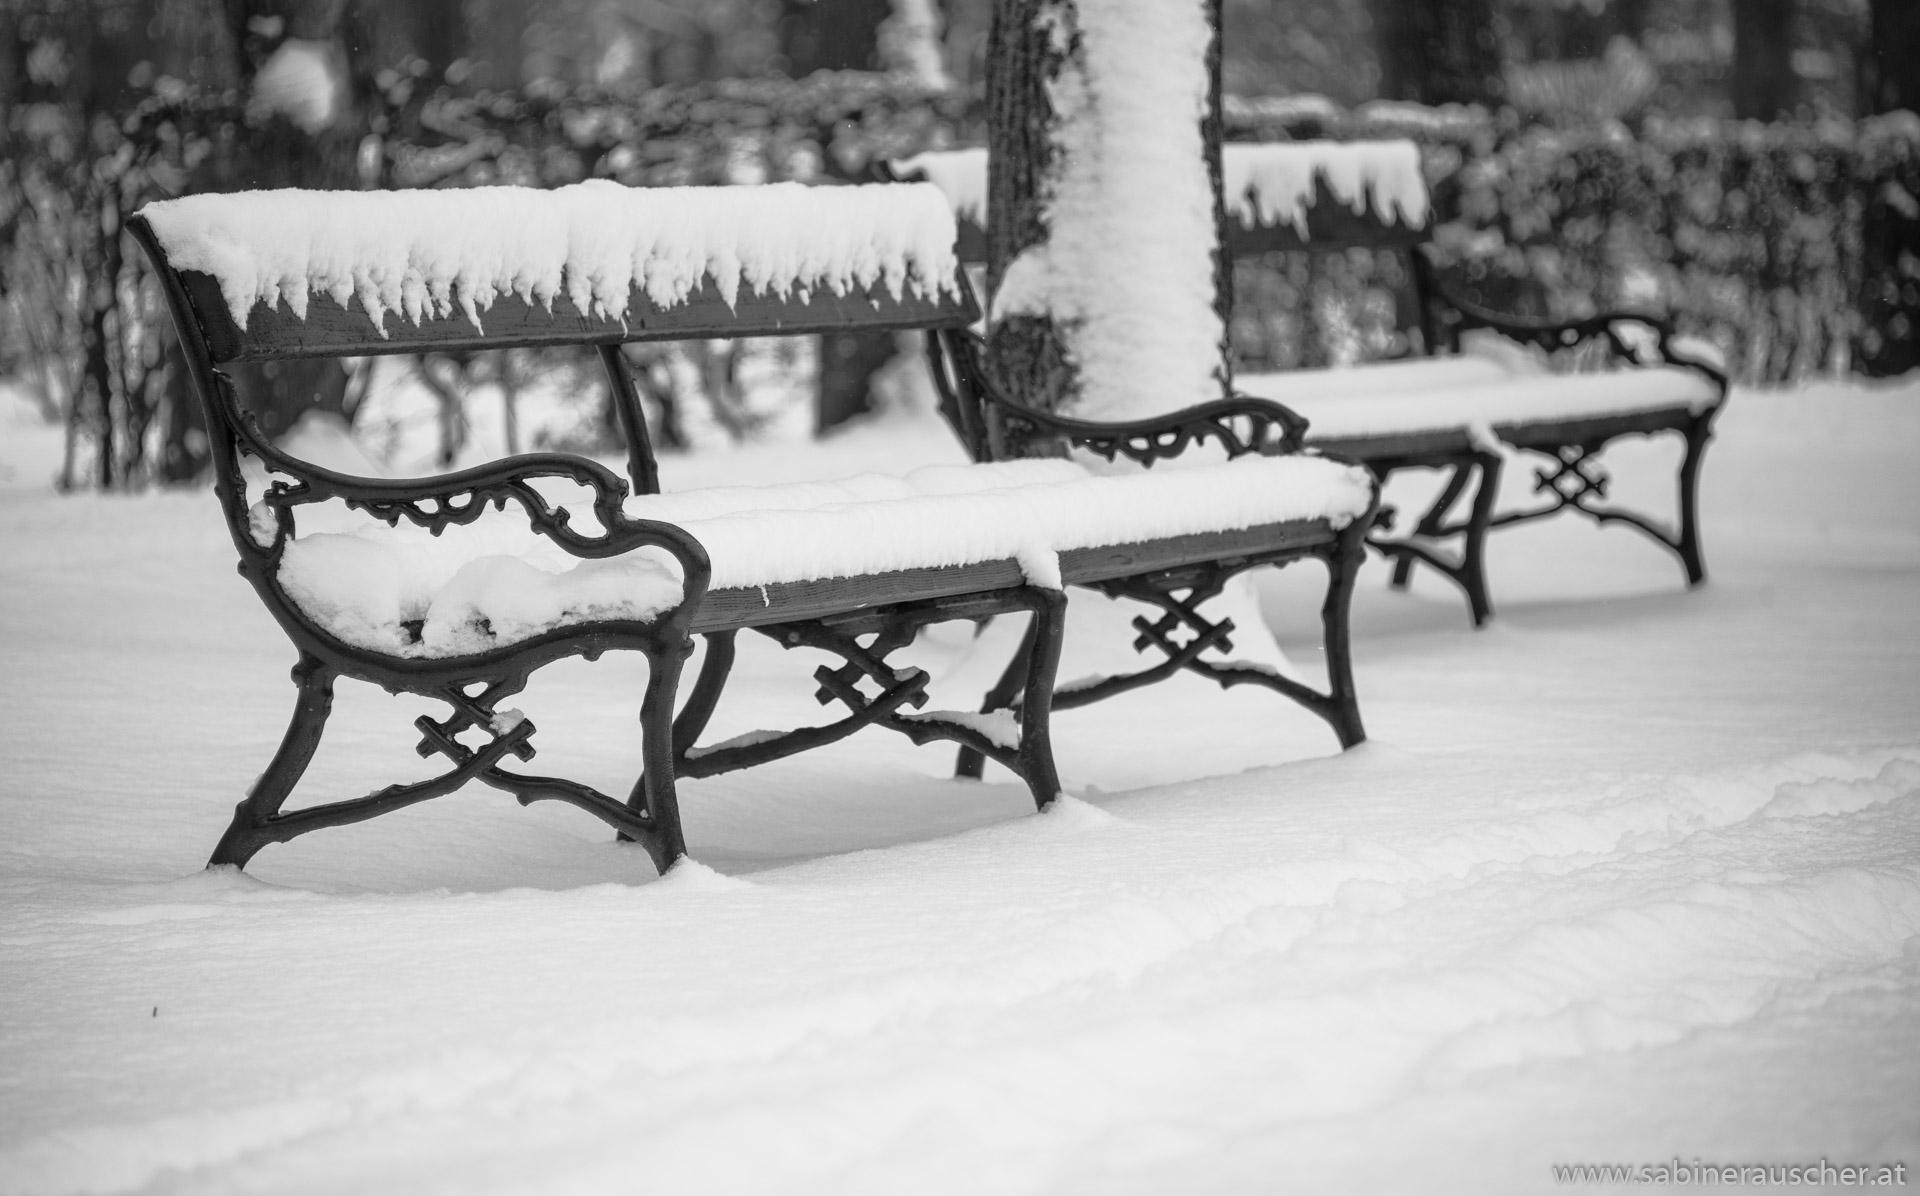 Snow covered benches in Schönbrunn, Vienna   schneebedeckte Parkbänke im Schloßpark Schönbrunn, Wien